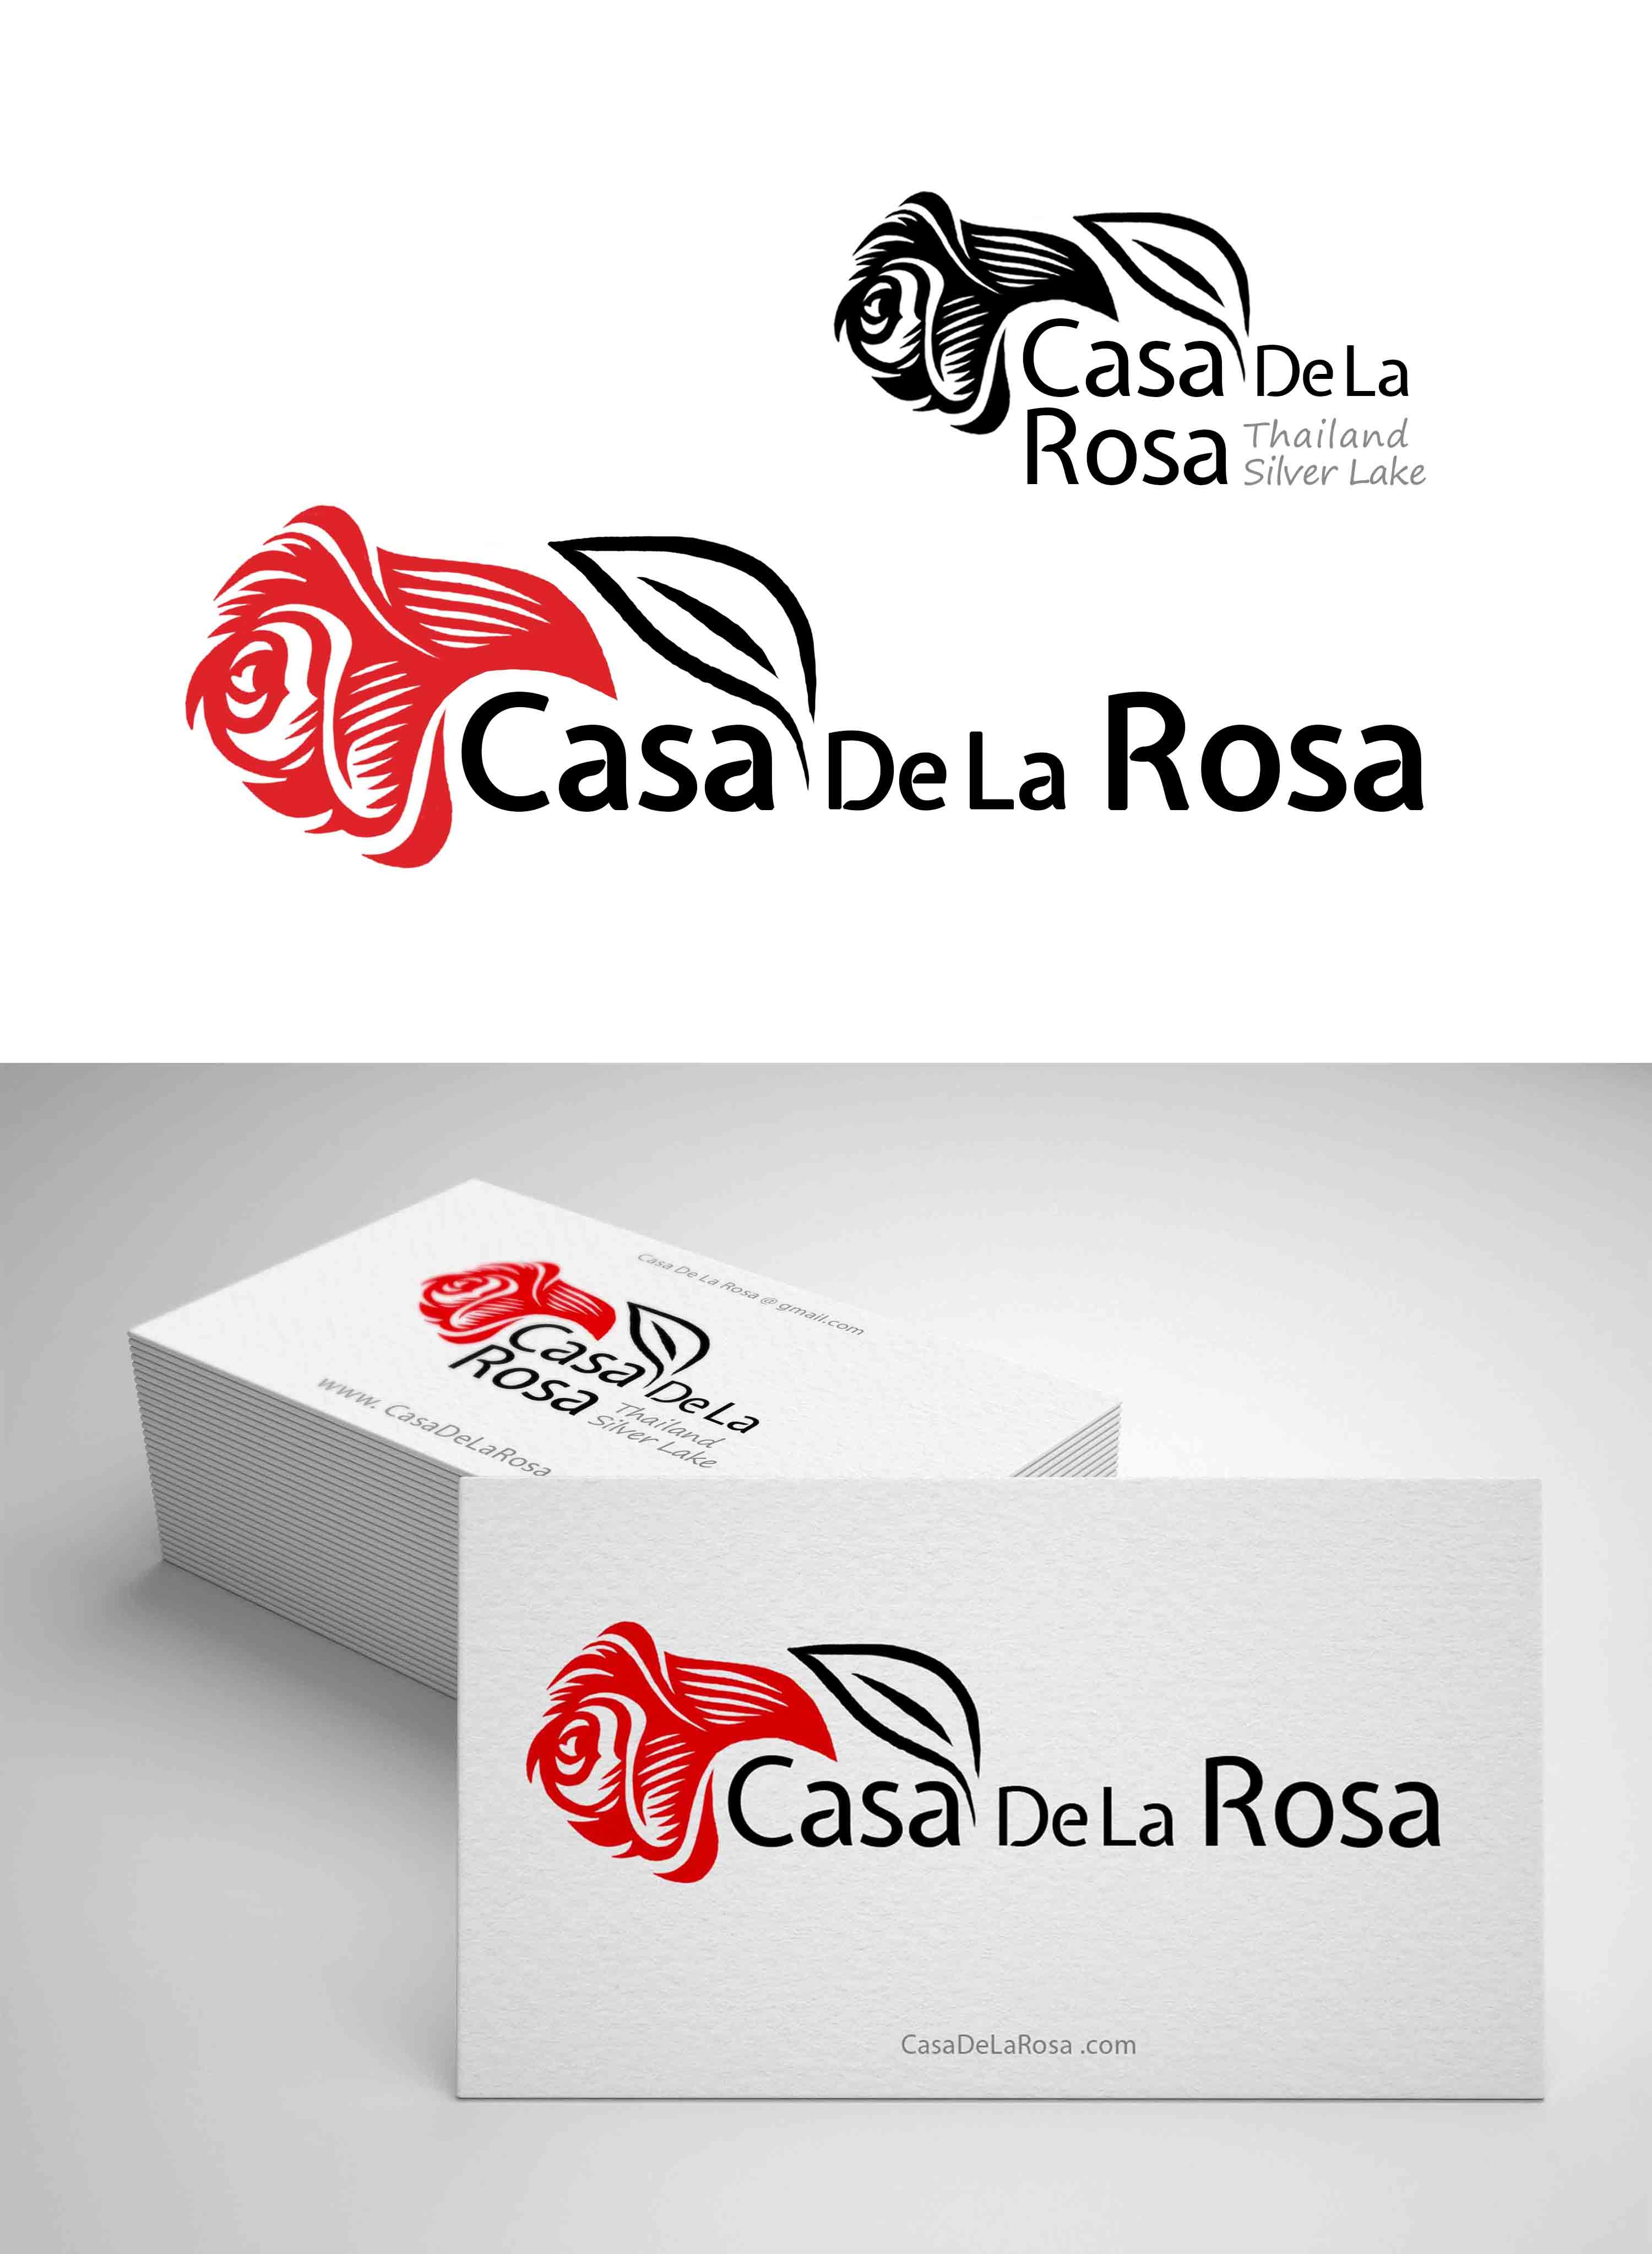 Логотип + Фирменный знак для элитного поселка Casa De La Rosa фото f_9855cd4145d23338.jpg